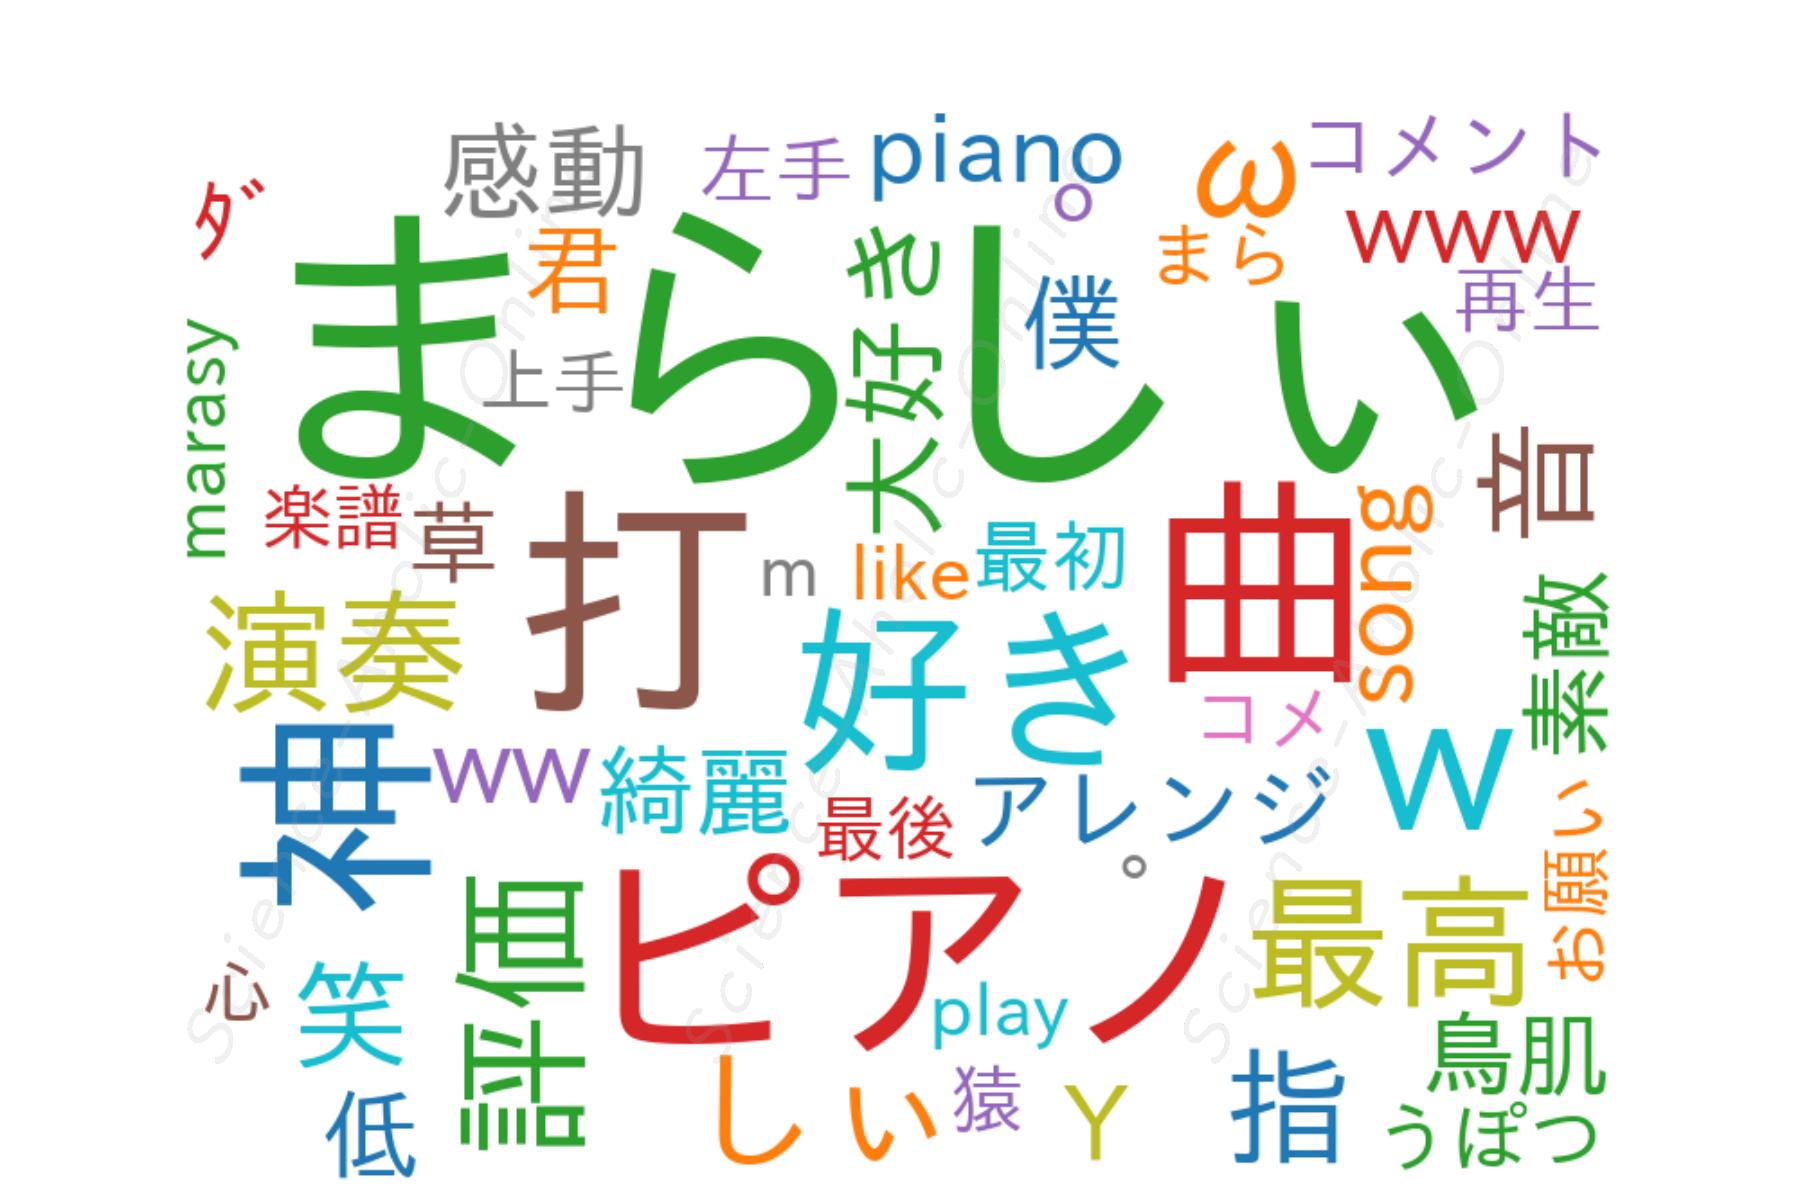 wordcloud_marasy8